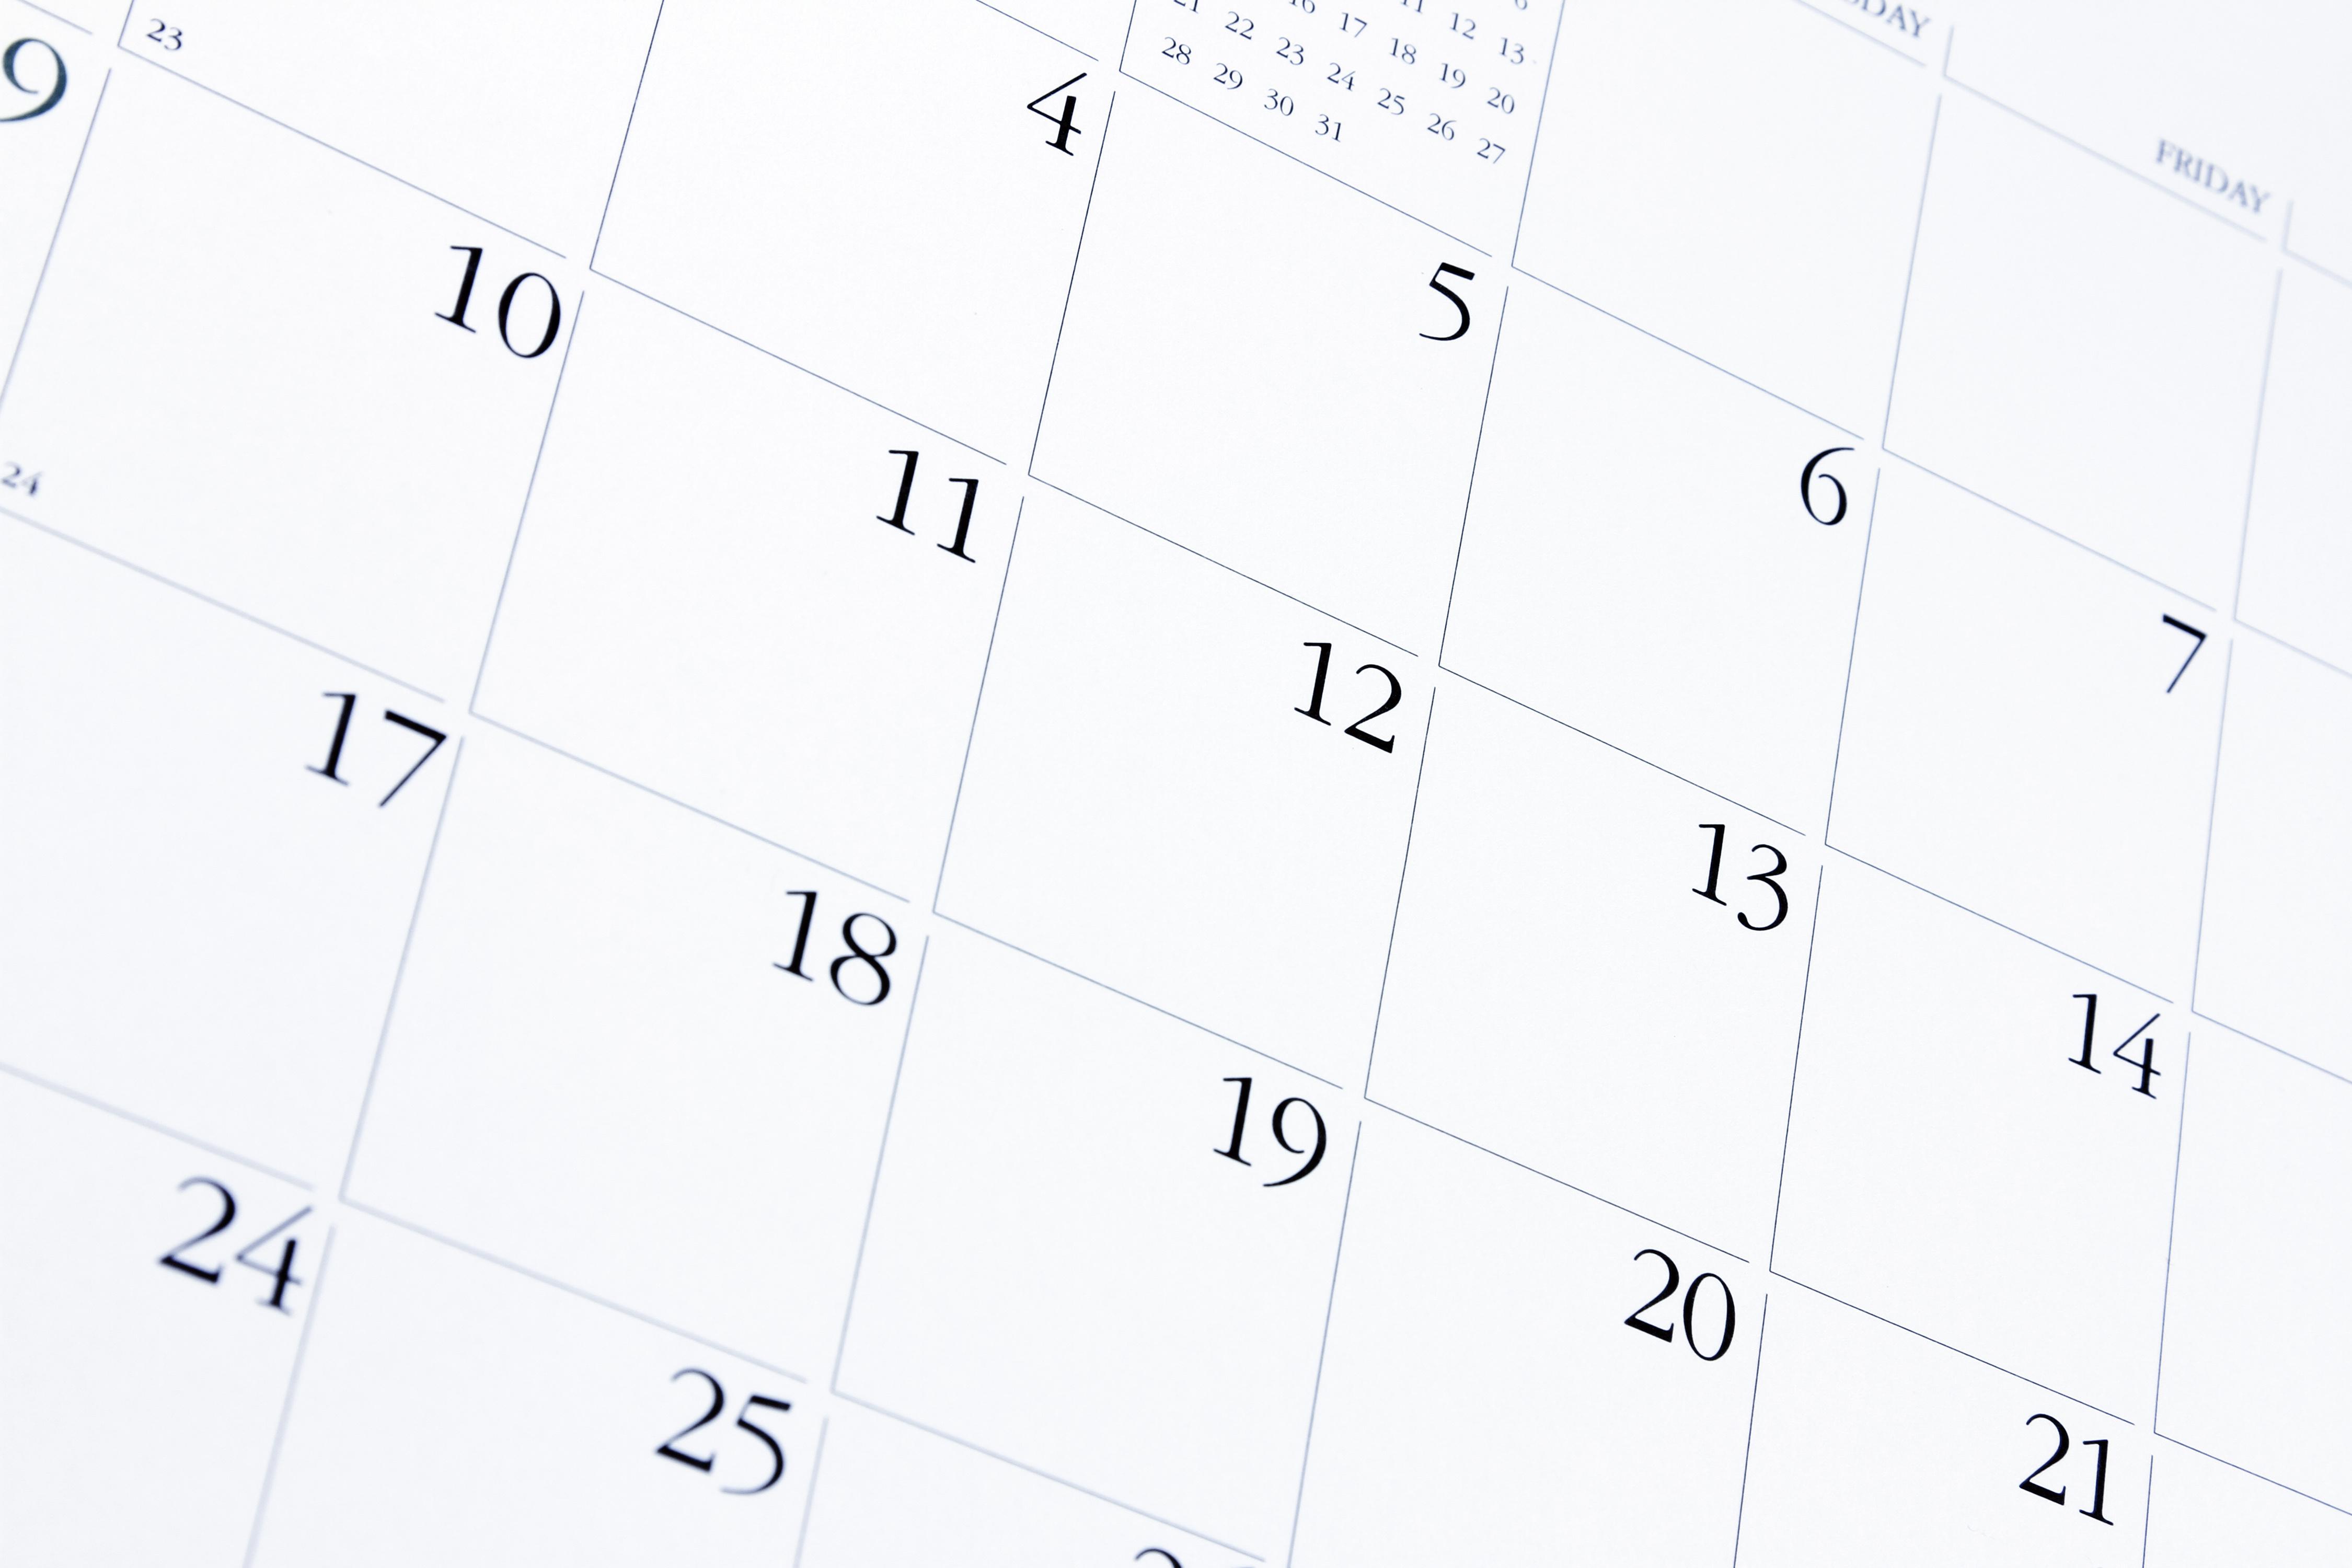 Kalenderblatt, Auszug aus dem Kalender